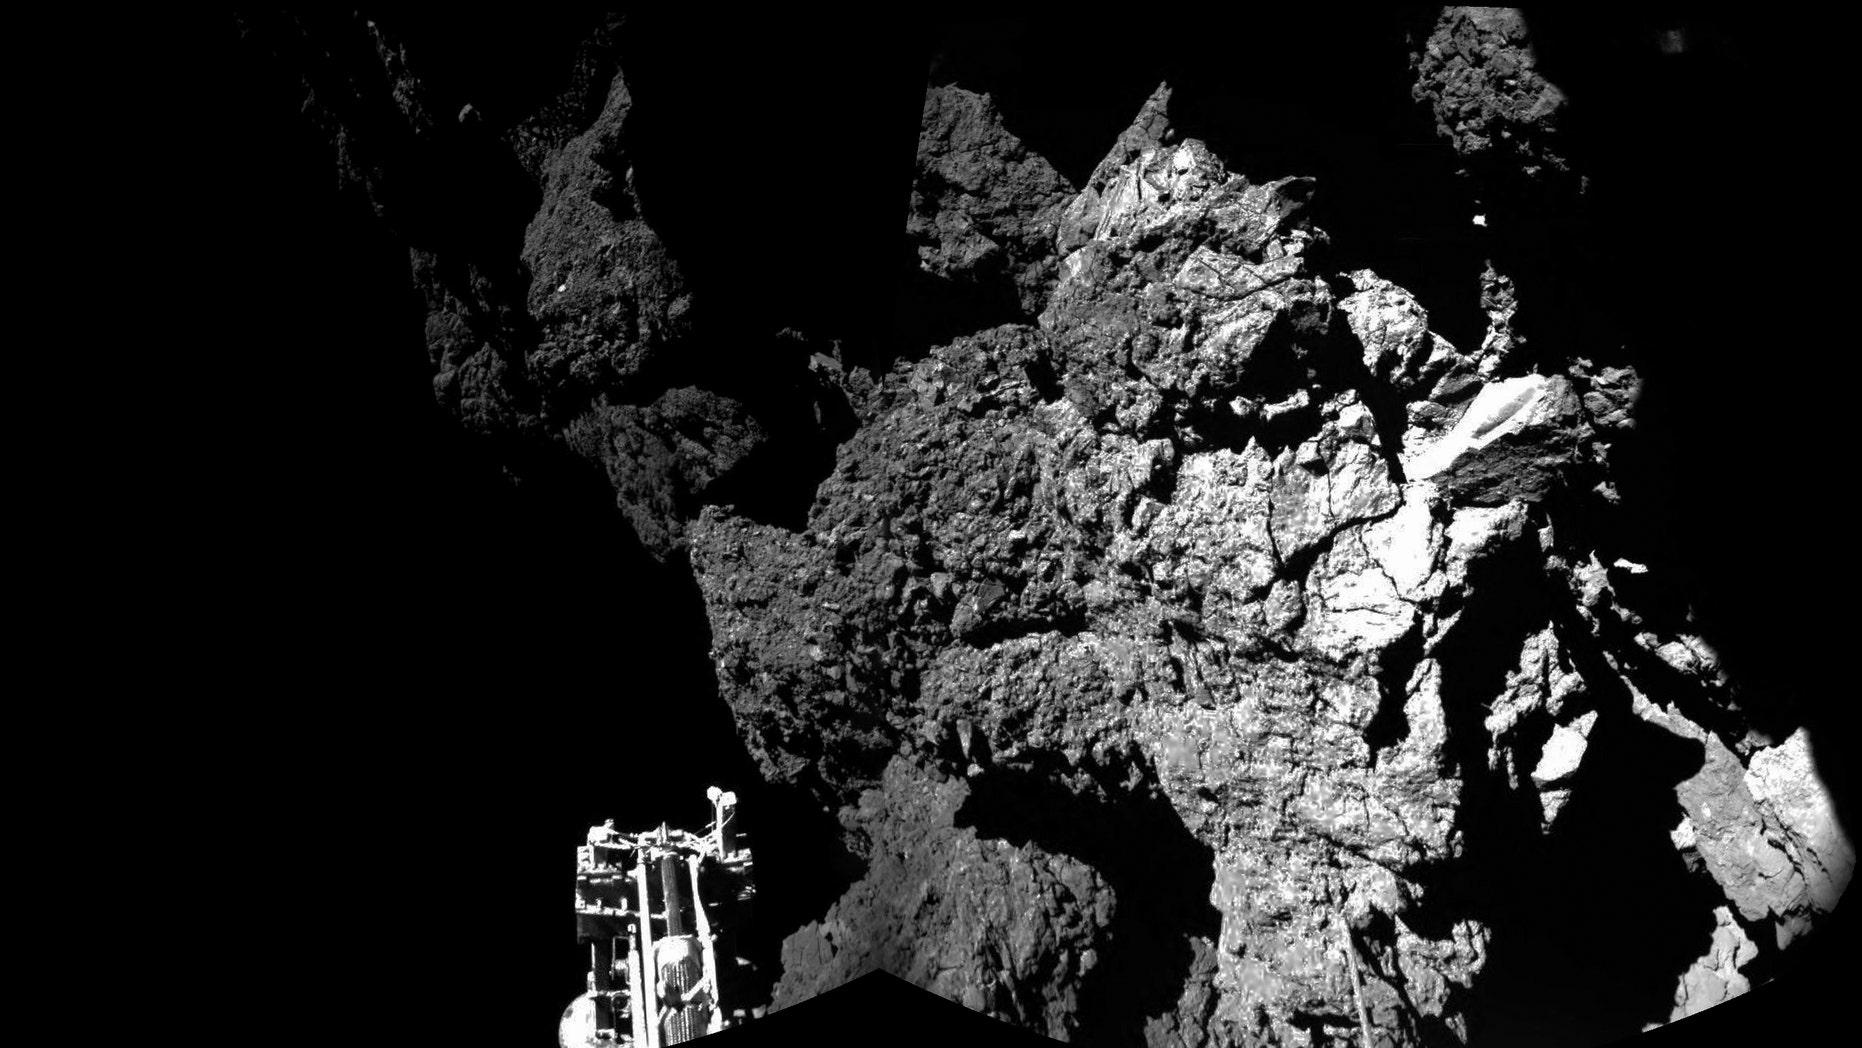 Comet surface image taken by Philae lander.